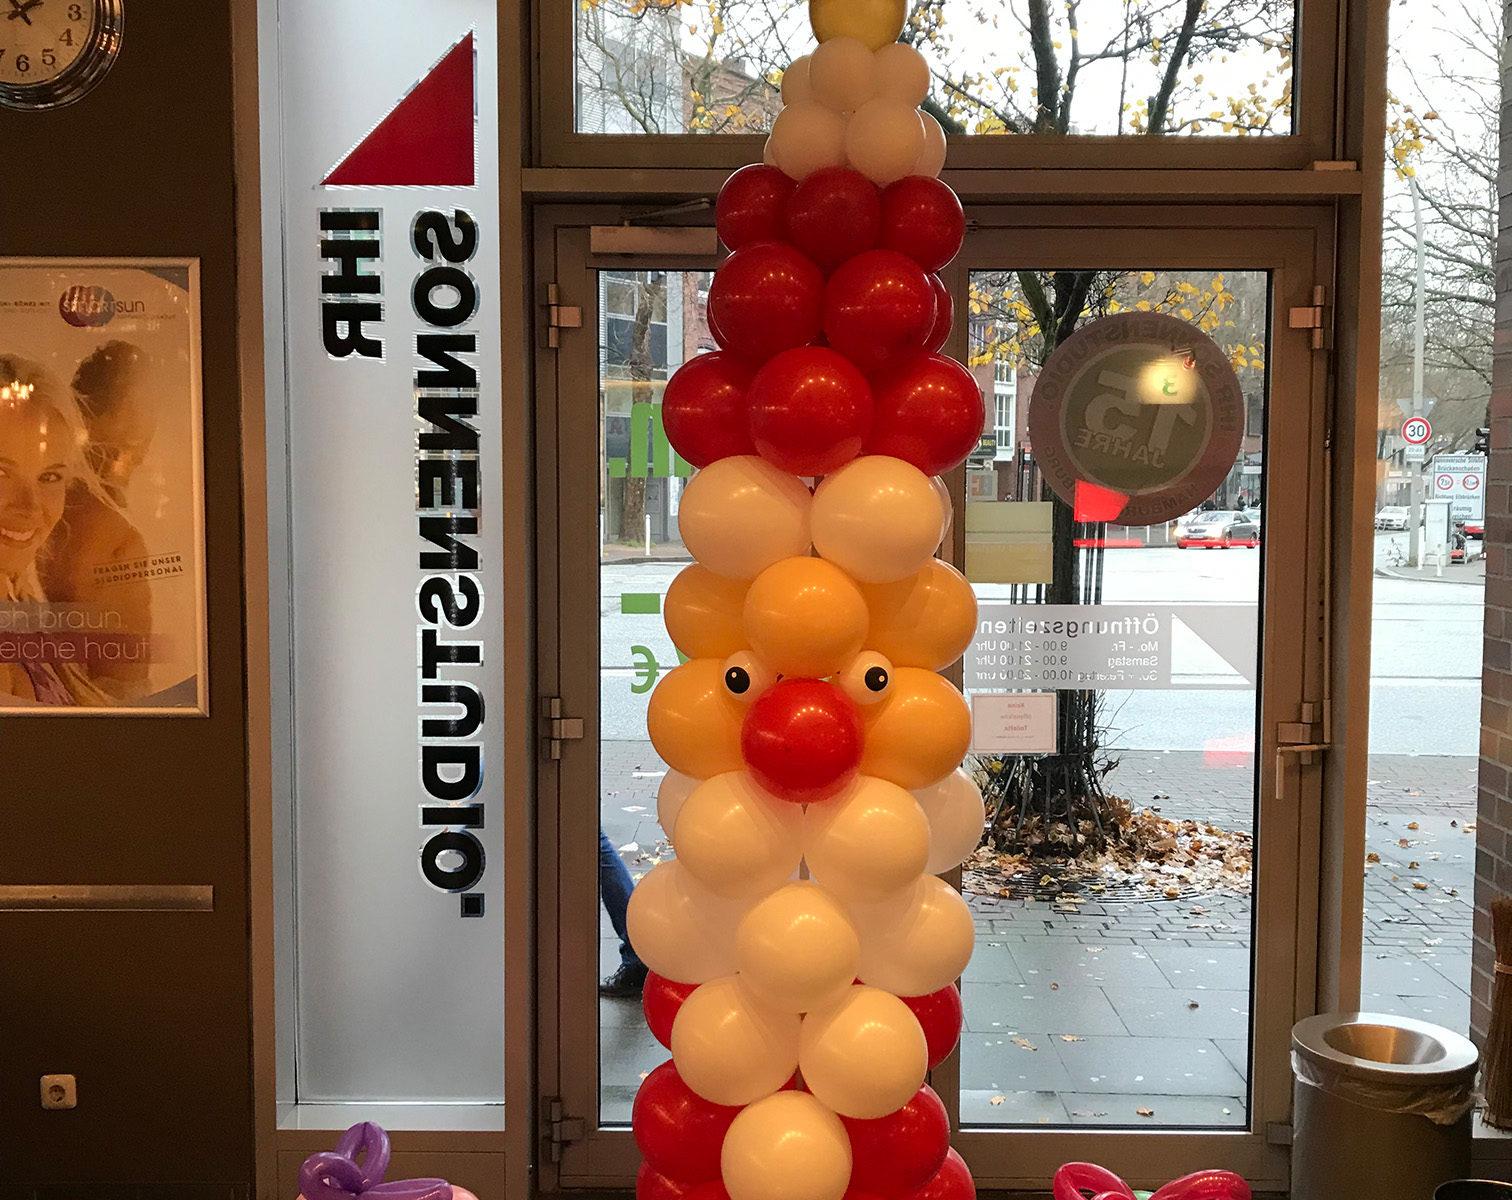 Event-Balloons Weihnachtsmann Ihr Sonnenstudio Nikolaus Geschenke